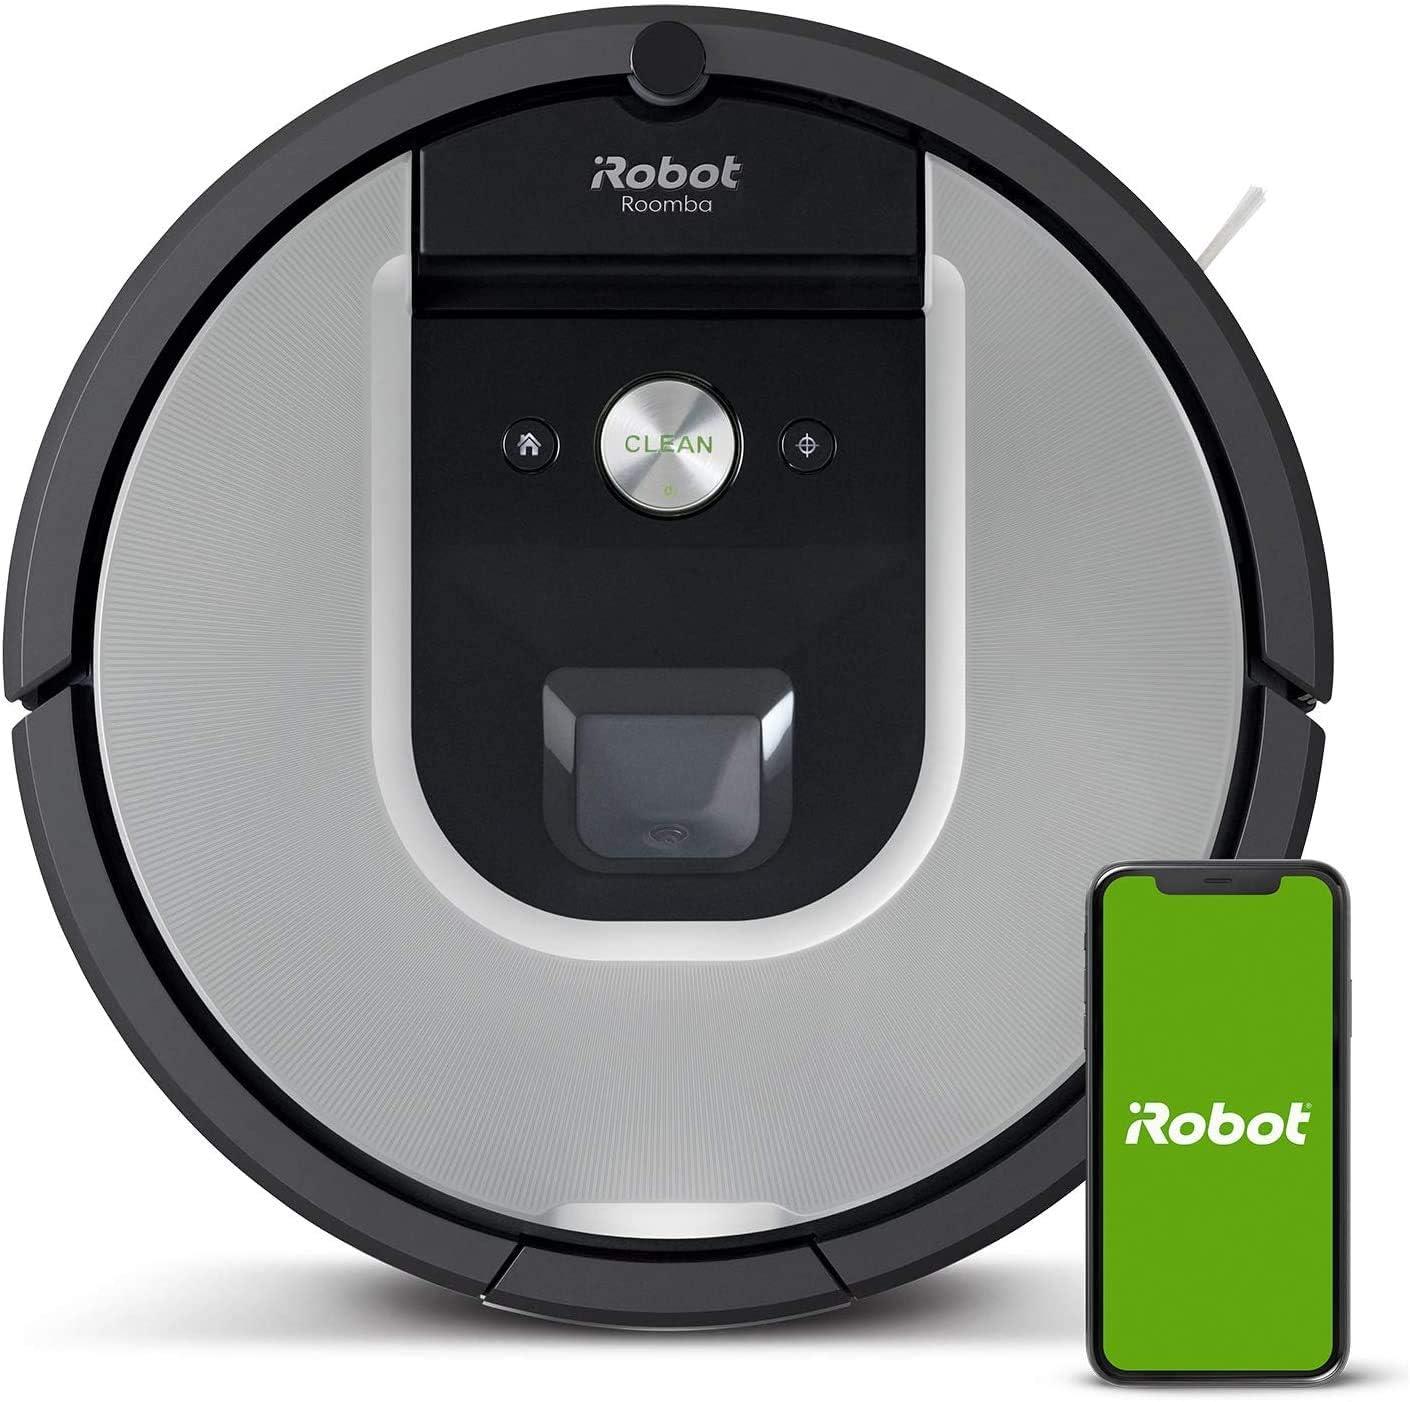 Robot aspirador iRobot Roomba 971 Alta potencia, Recarga y sigue limpiando, Óptimo para mascotas, Dirt Detect, Se coordina con Braava jet m6, Sugerencias personalizadas, Compatible con asistentes voz